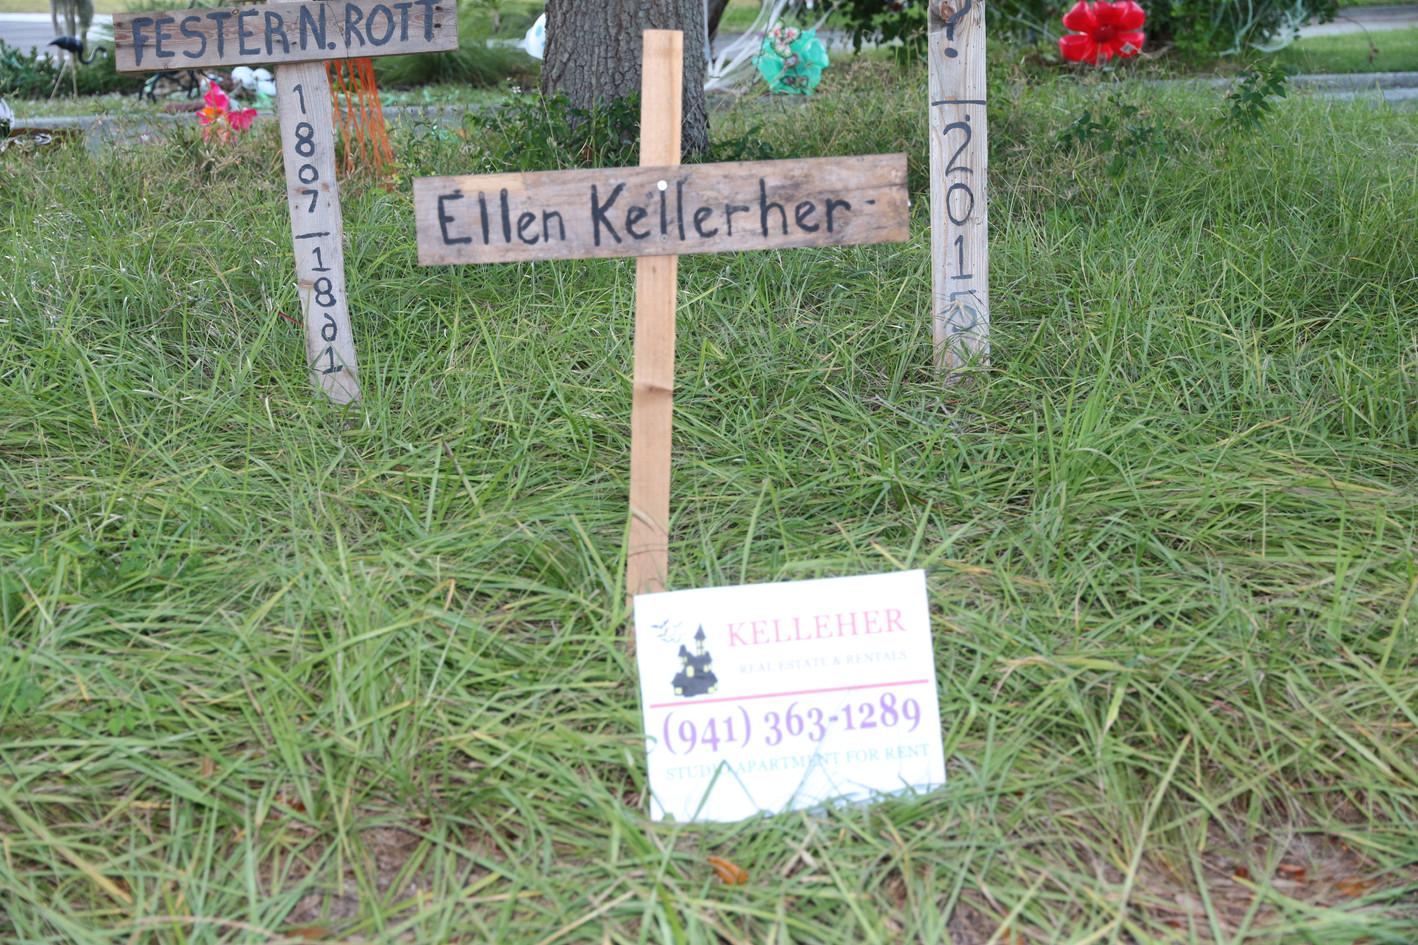 Ellen Kellerher